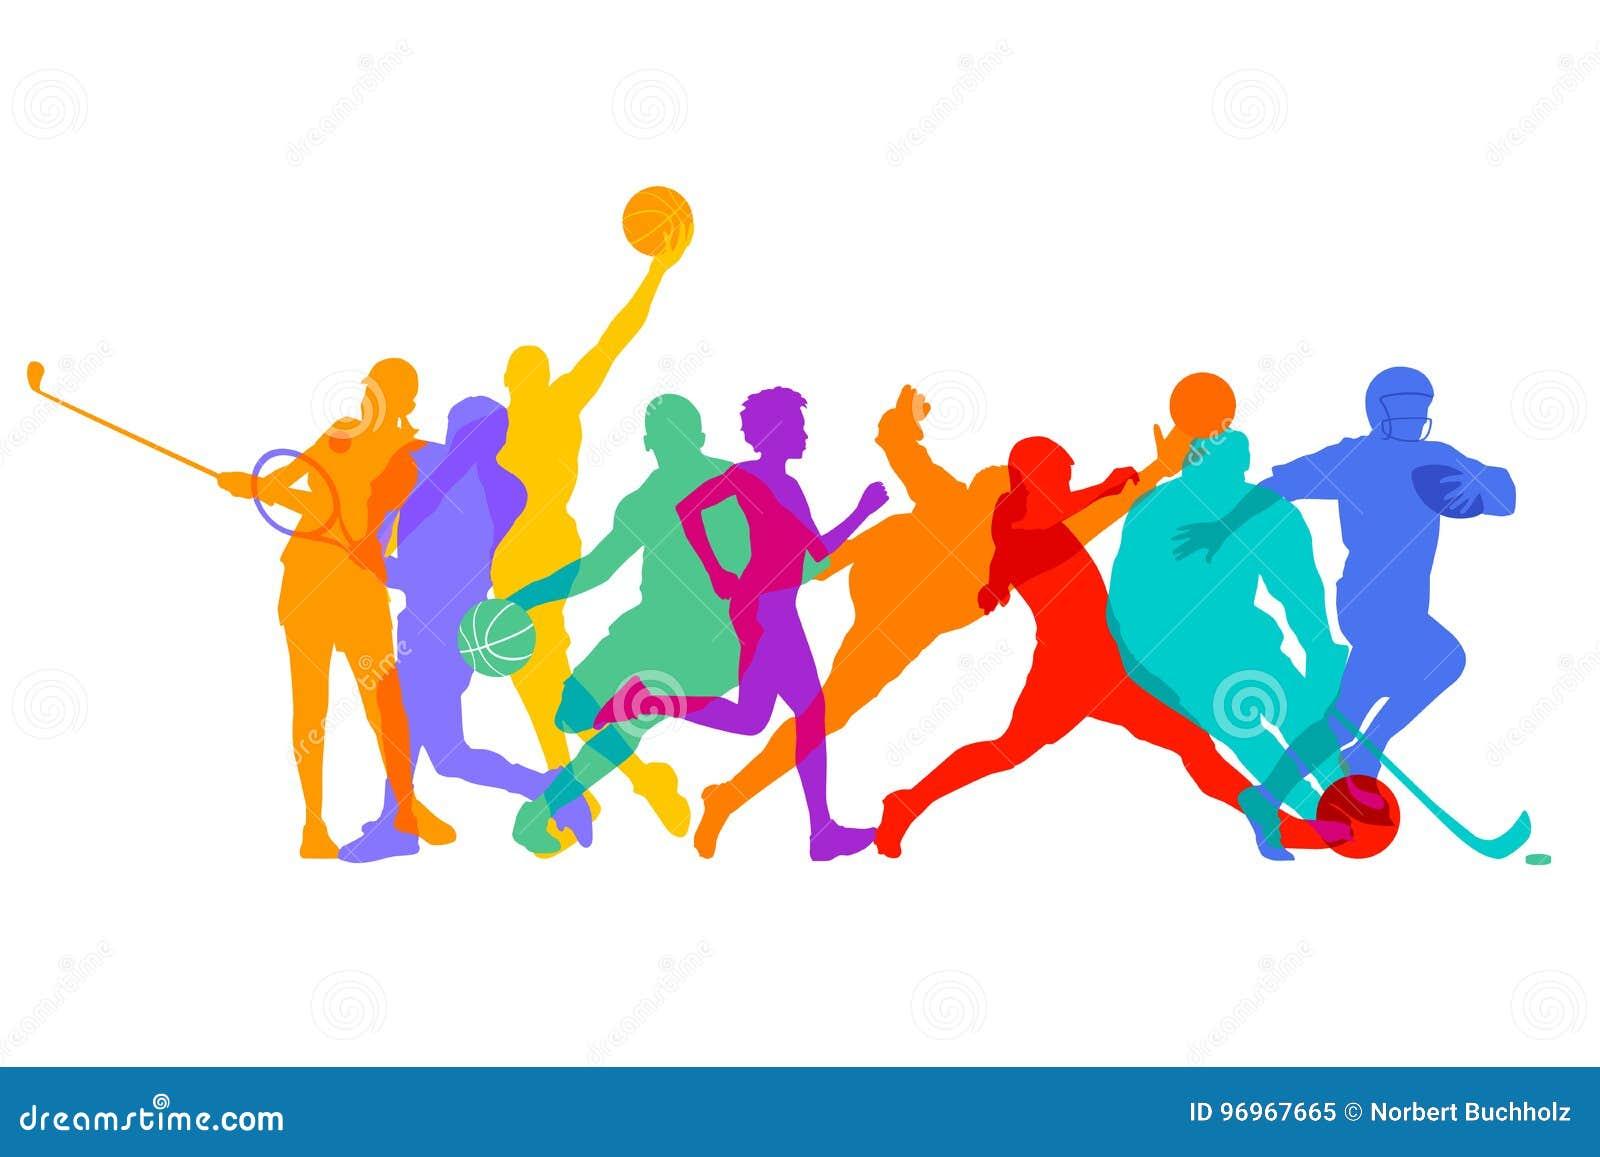 Deportes, juegos y atletas